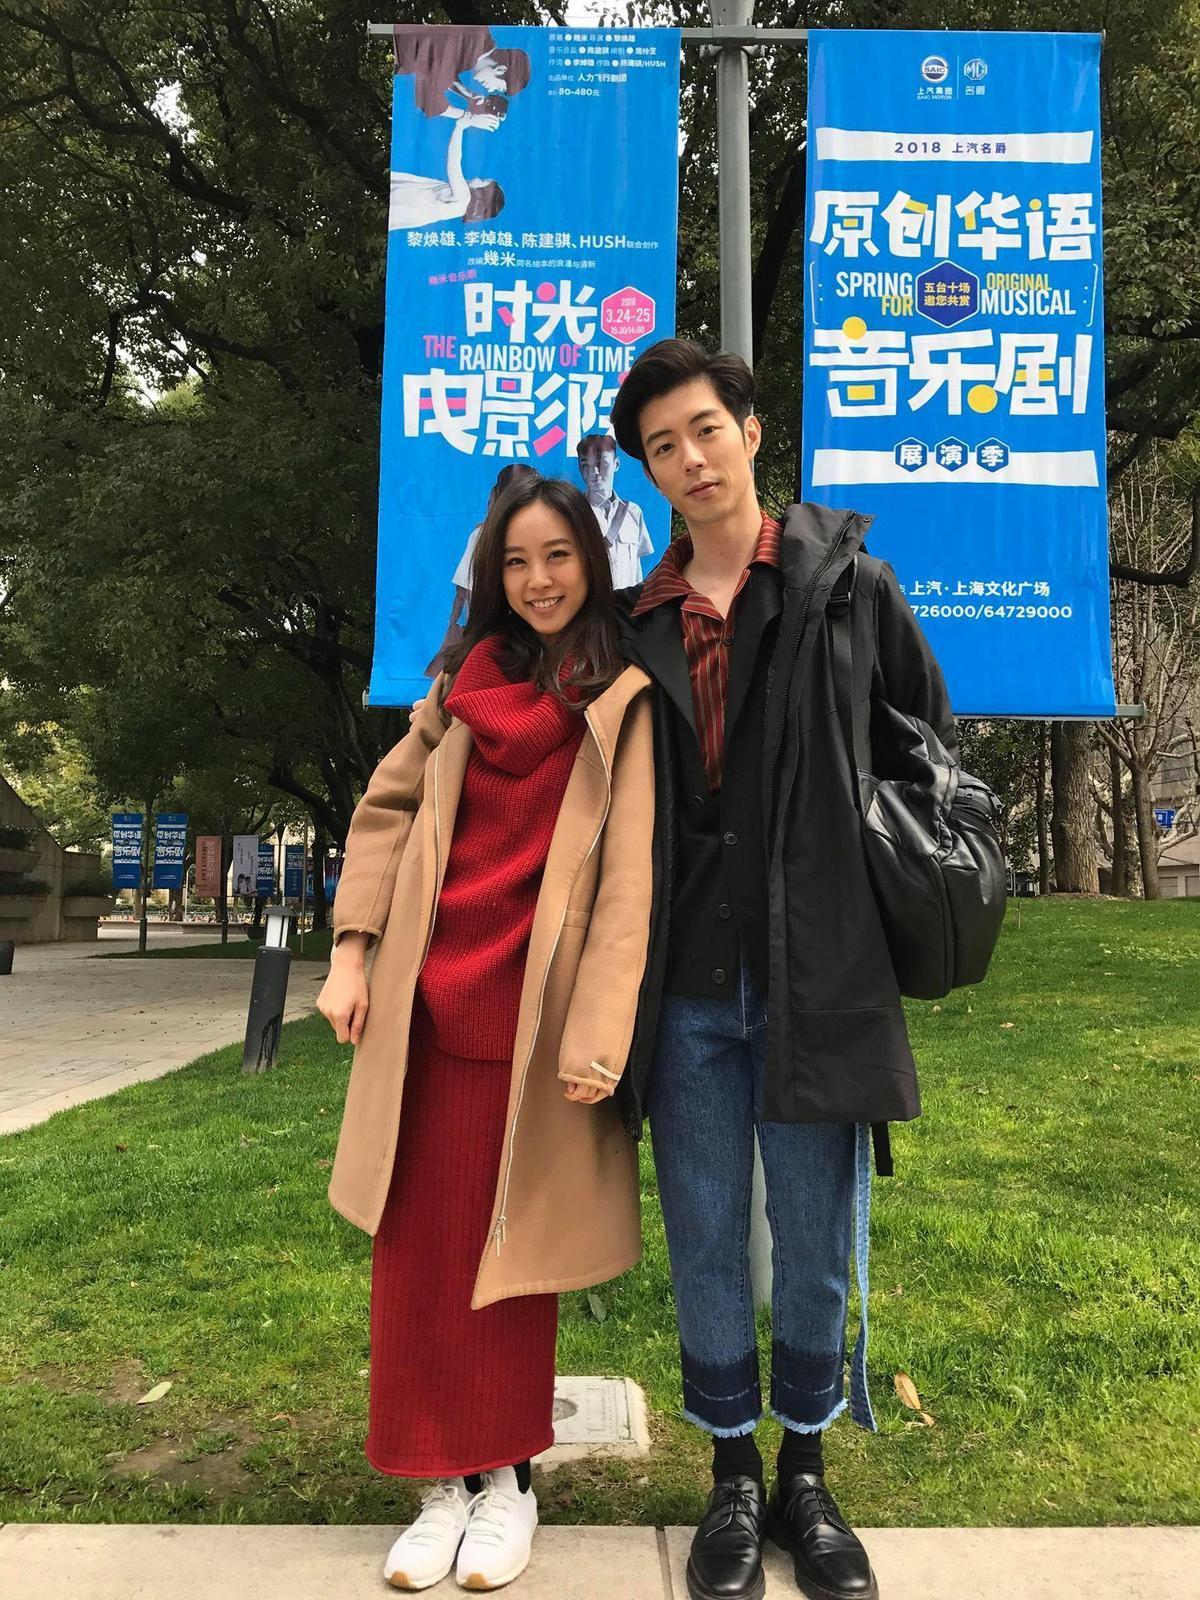 劉容嘉與廖允杰在《時光電影院》中扮夫妻,2人將攜手前進上海演出。(時光電影院提供)